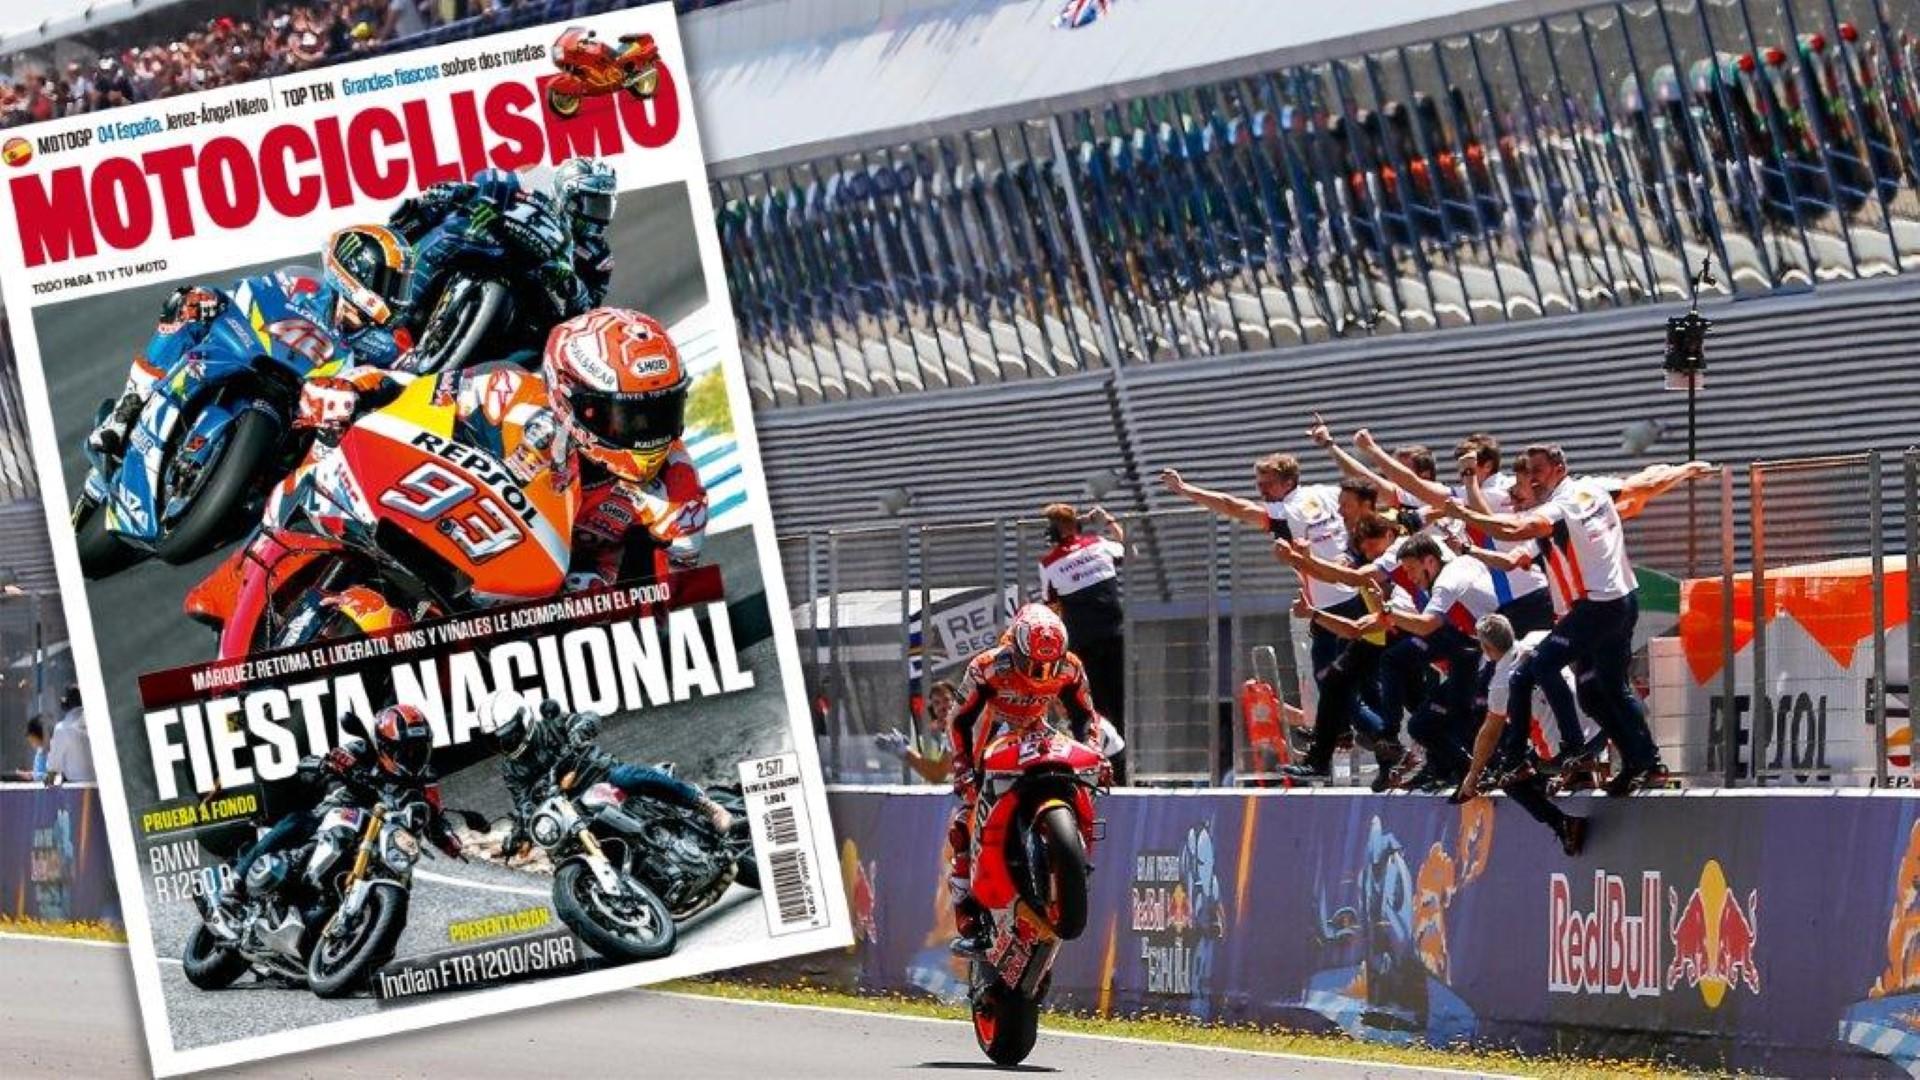 MOTOCICLISMO 2577, contenidos y sumario de la revista